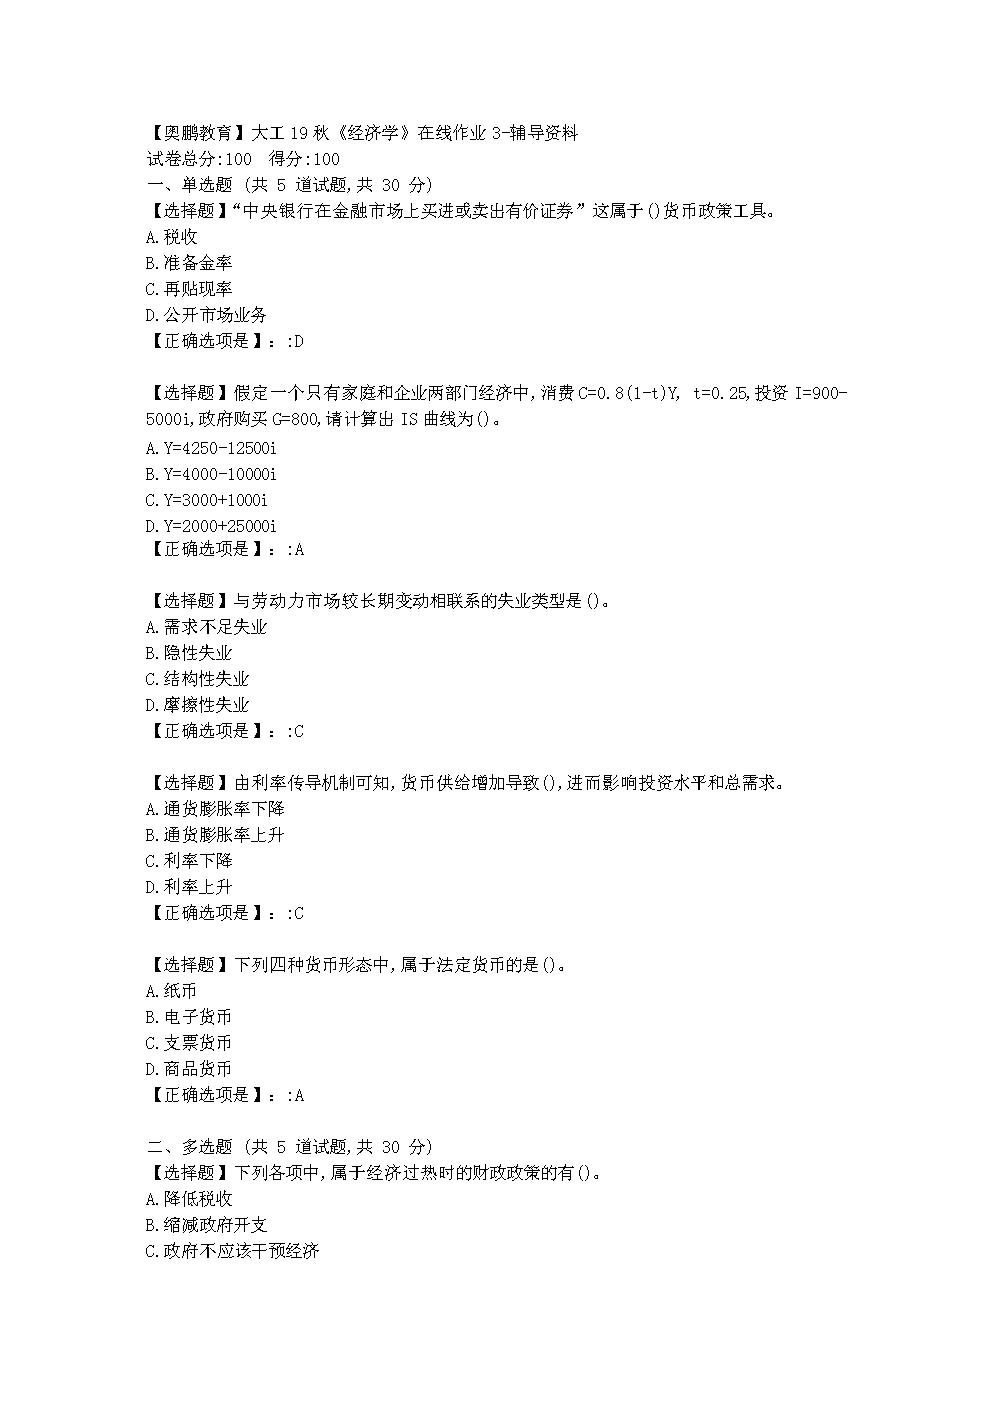 大连理工大学19秋《经济学》在线作业3学习资料.doc